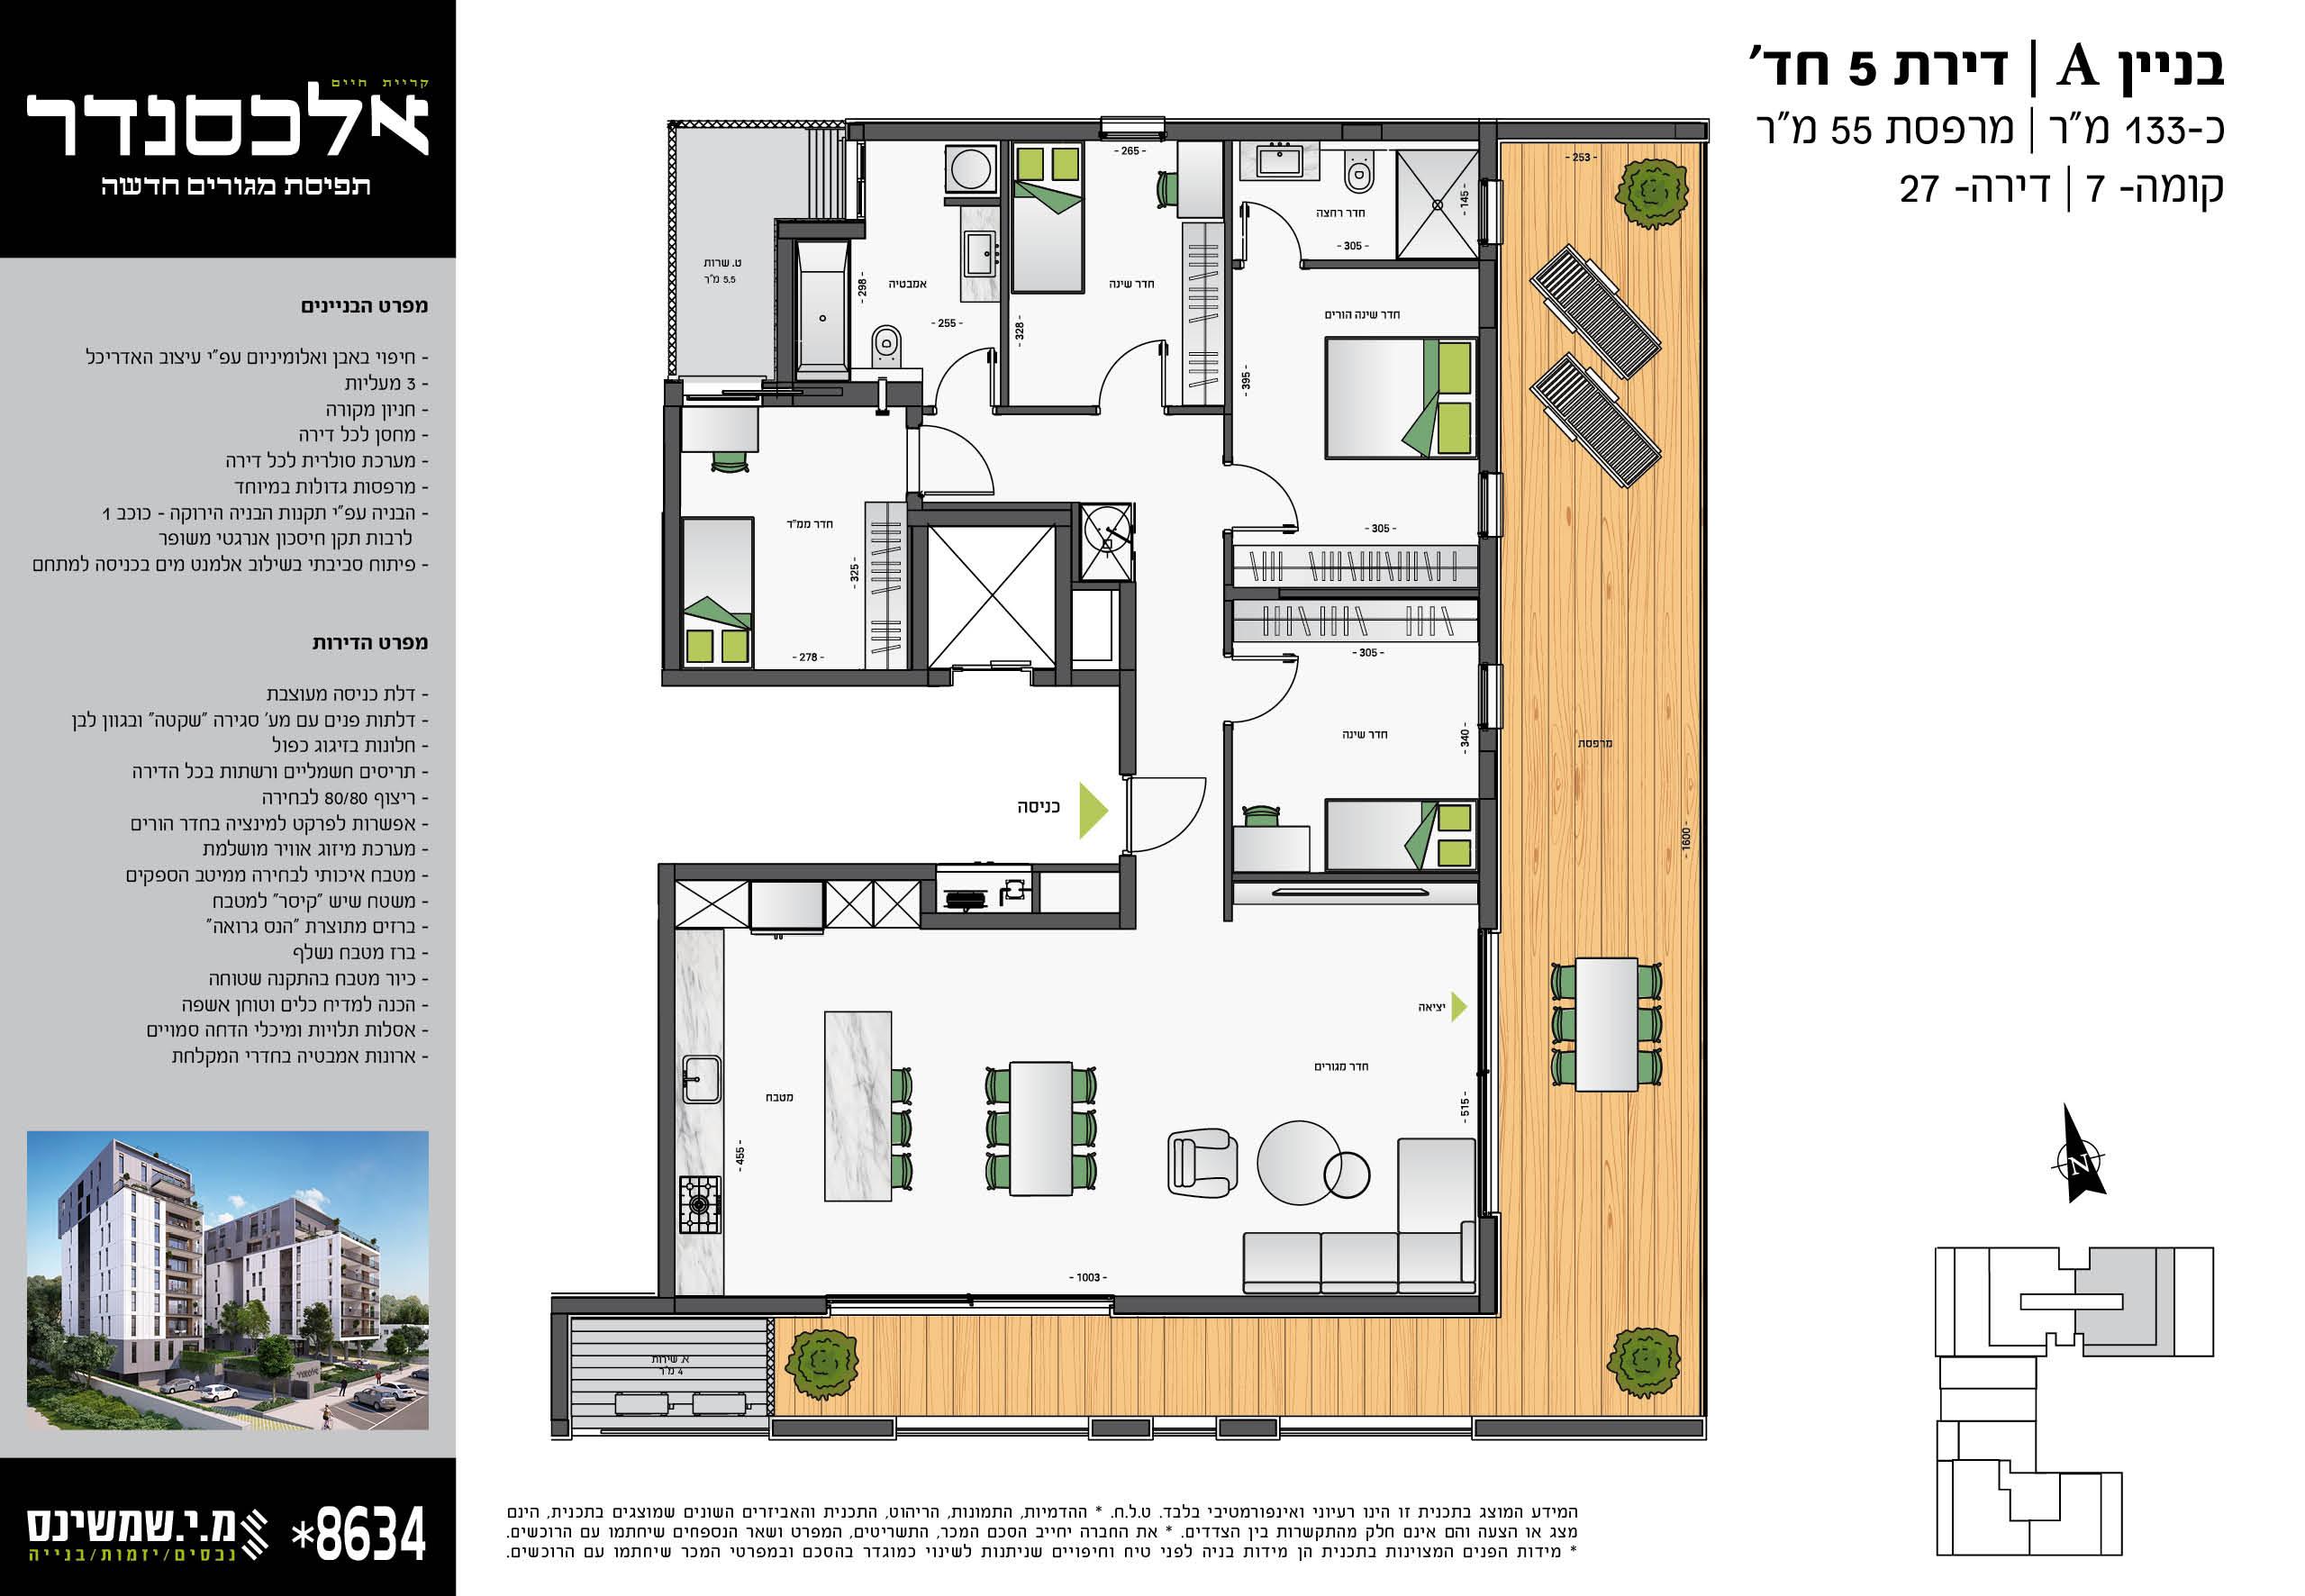 דירה 27